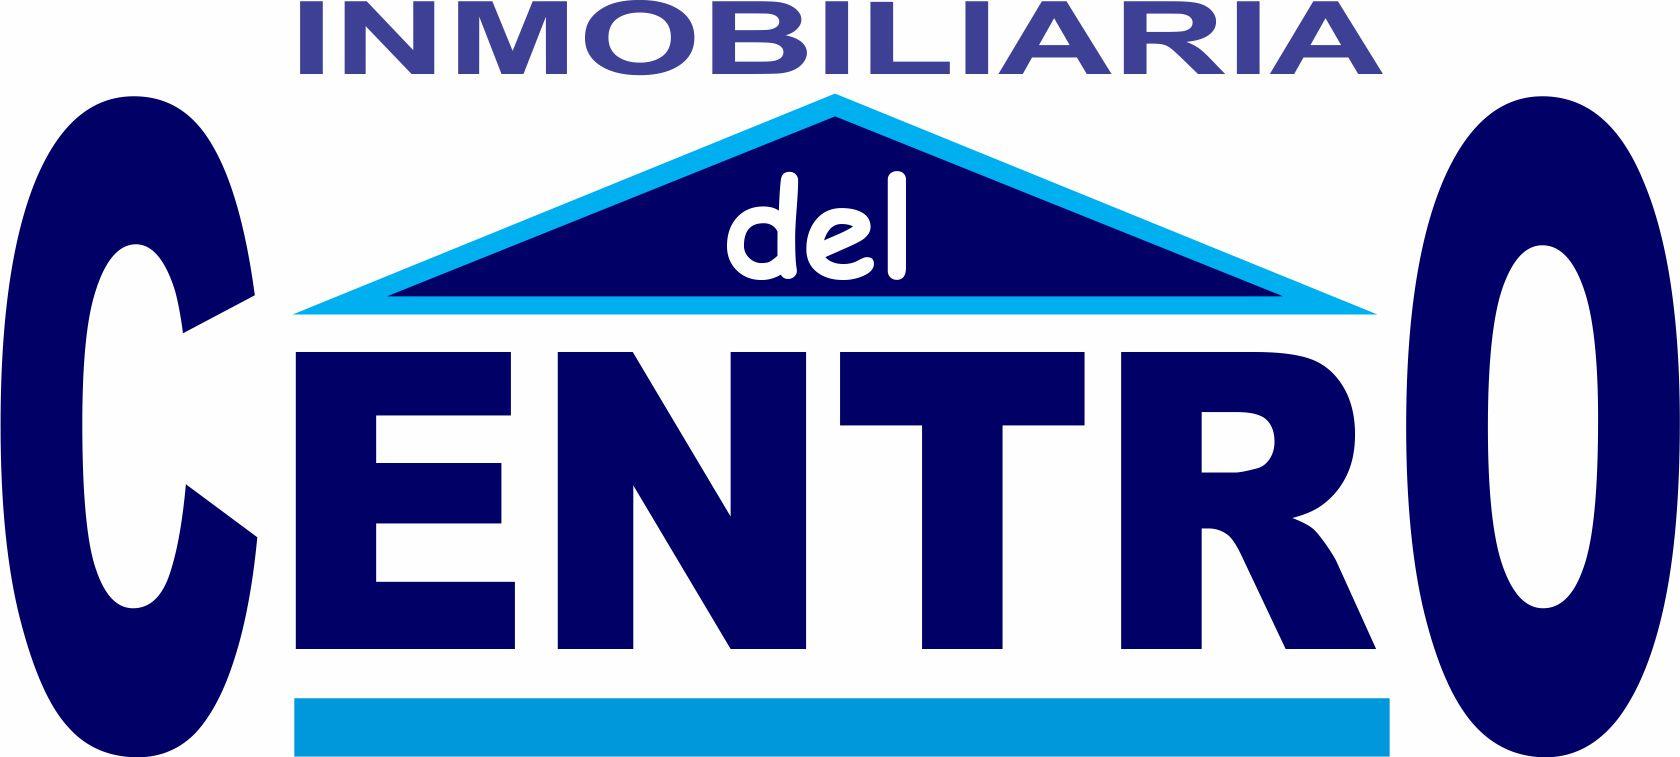 INMOBILIARIA DEL CENTRO S.R.L.